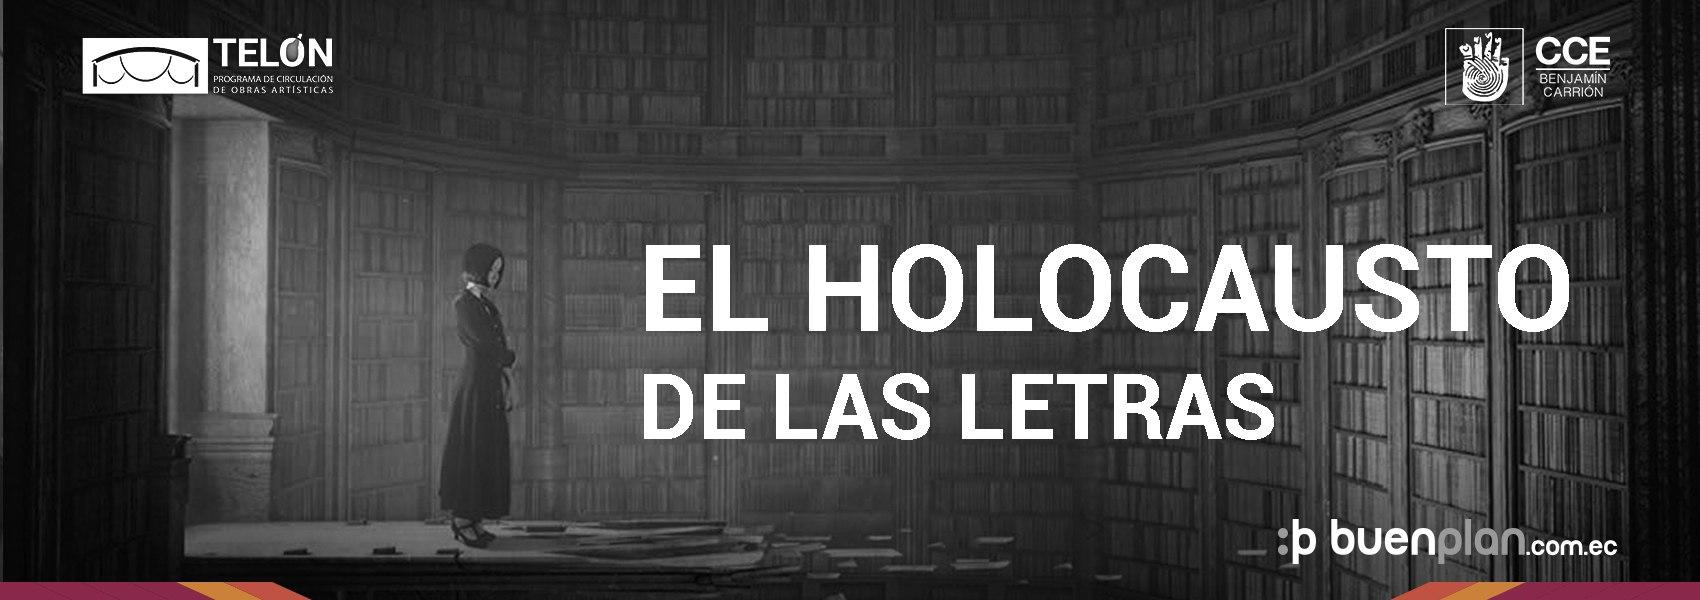 El Holocausto de las Letras - 20 de Junio en Quito, BuenPlan